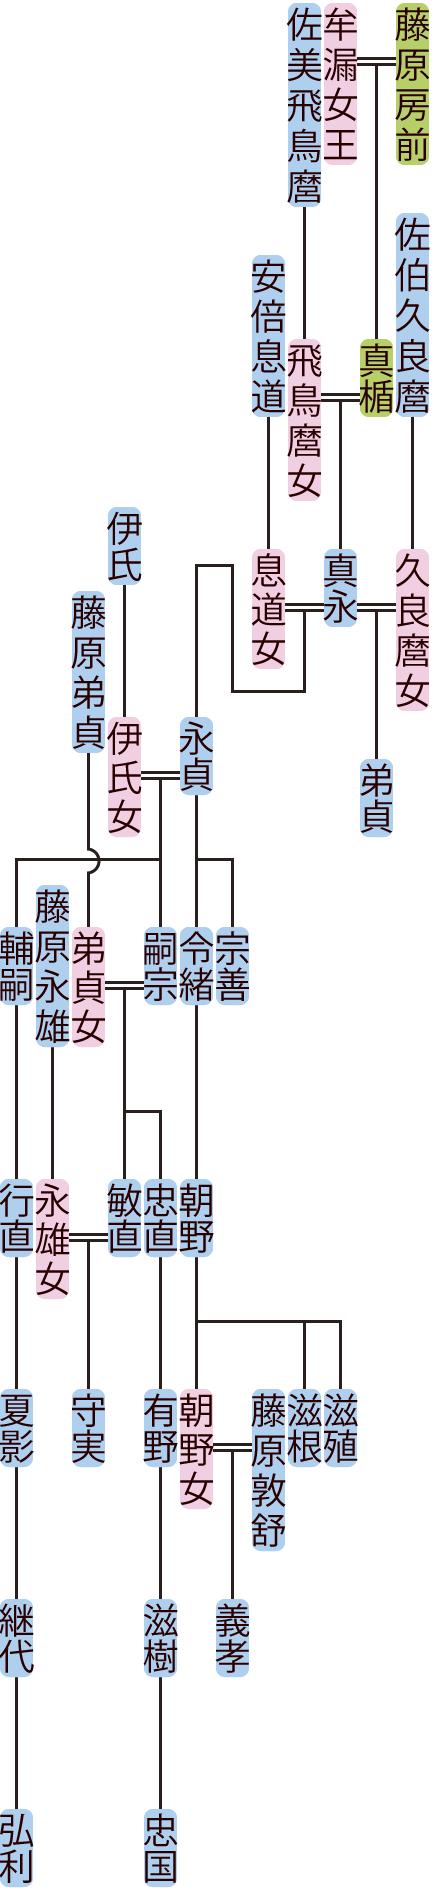 藤原真永の系図